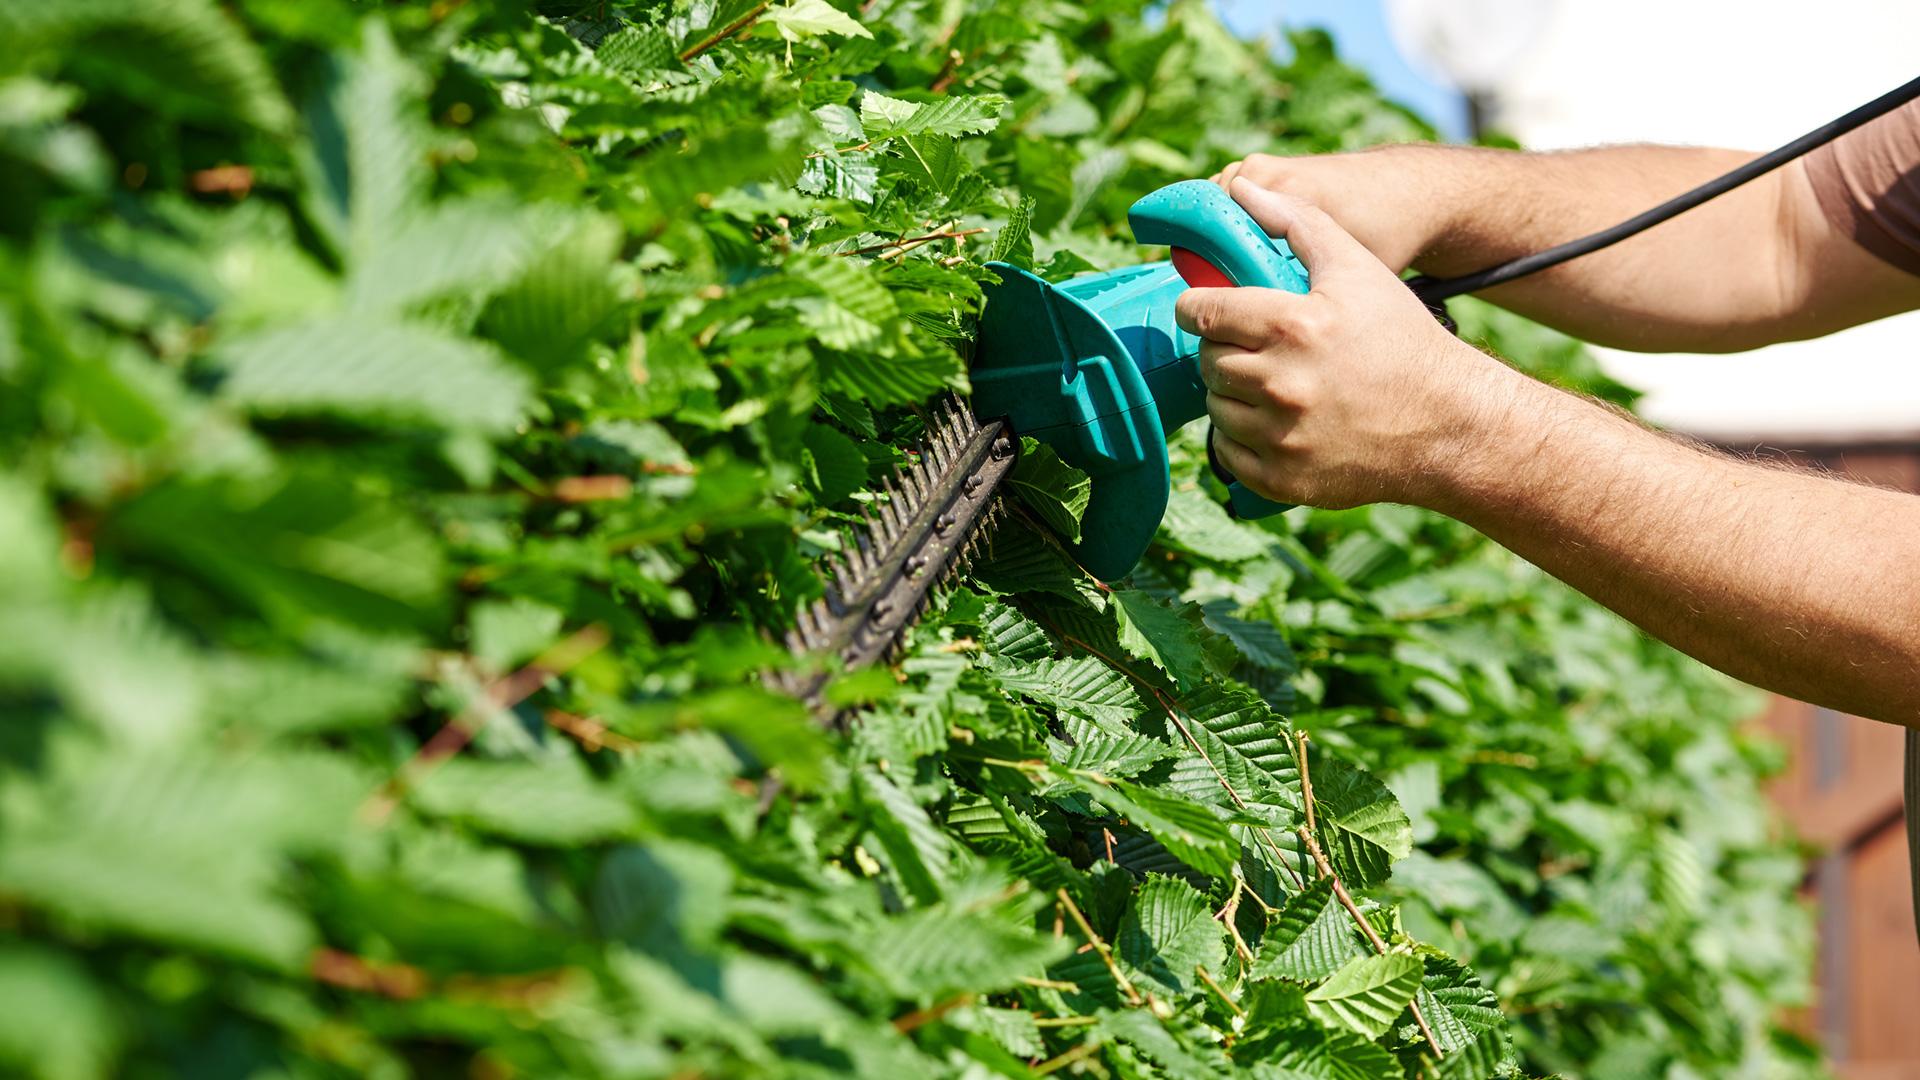 Gartenpflege Heckenschere